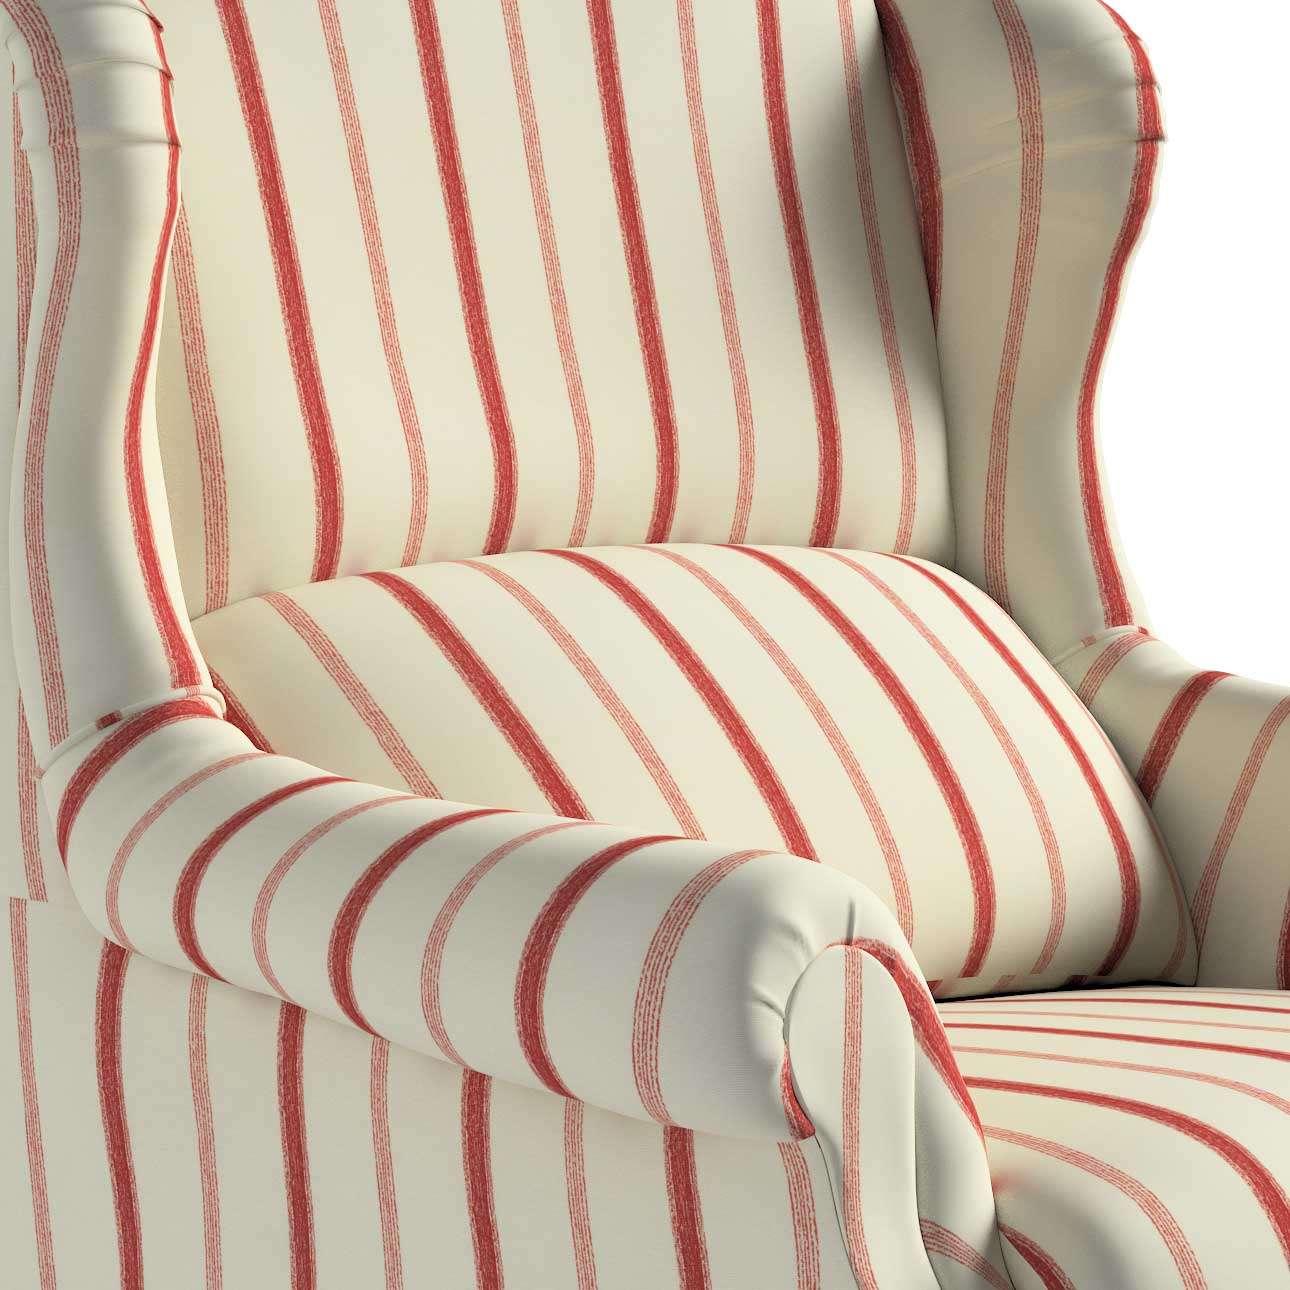 Sessel 63 x 115 cm von der Kollektion Avinon, Stoff: 129-15